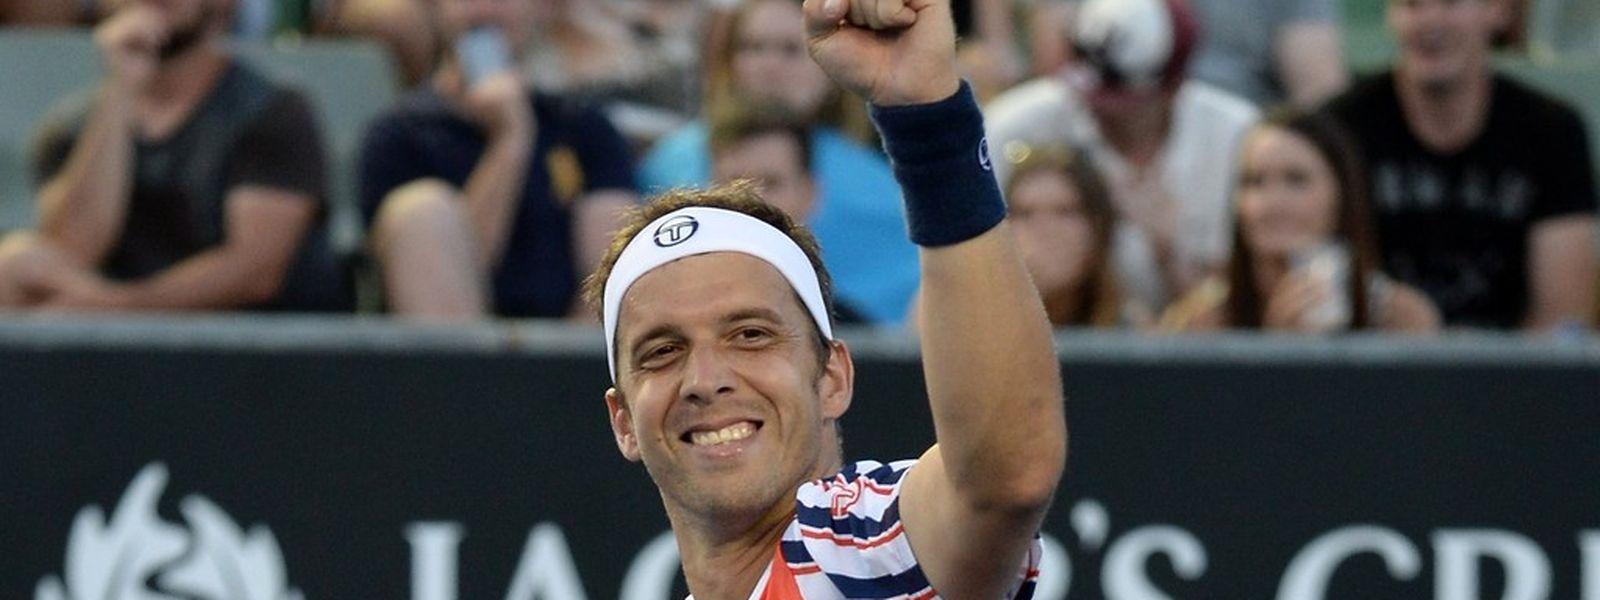 Le poing serré, Gilles Muller vole vers la victoire et vers... Novak Djokovic en 8e de finale